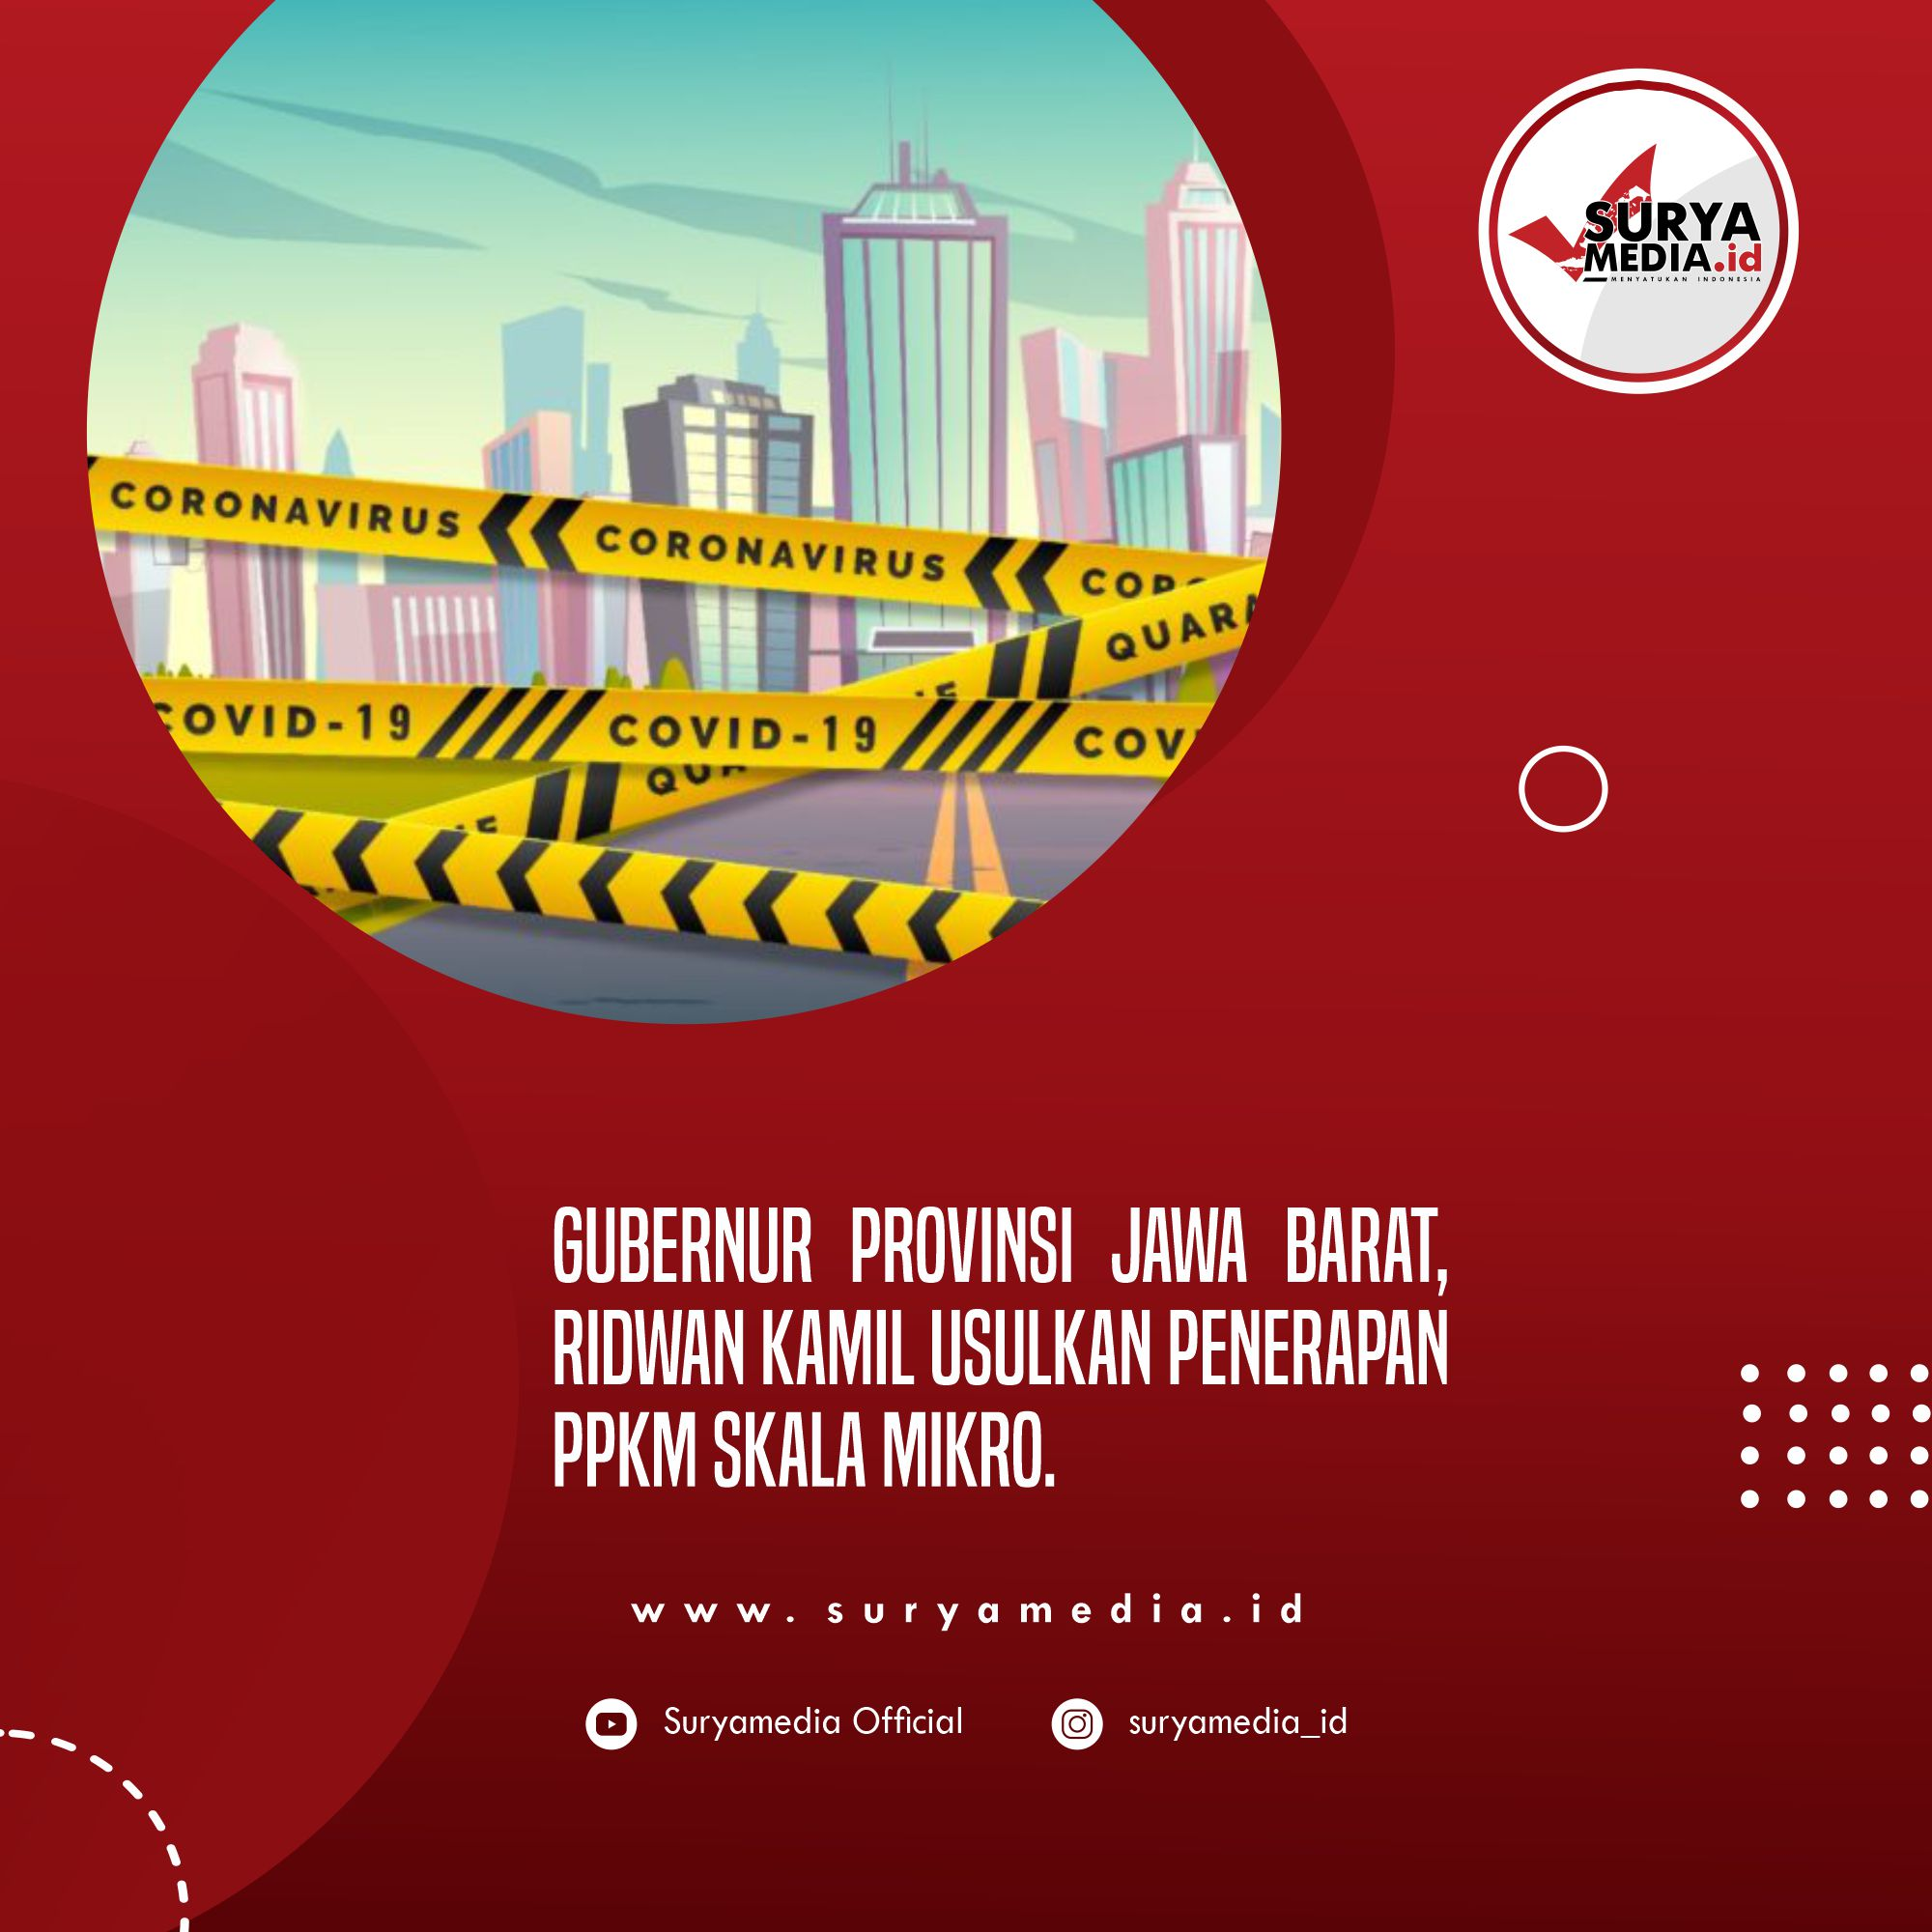 Keterisian Tempat Tidur Pasien Covid-19 Turun, Ridwan Kamil Usul Penerapan PPKM Mikro C